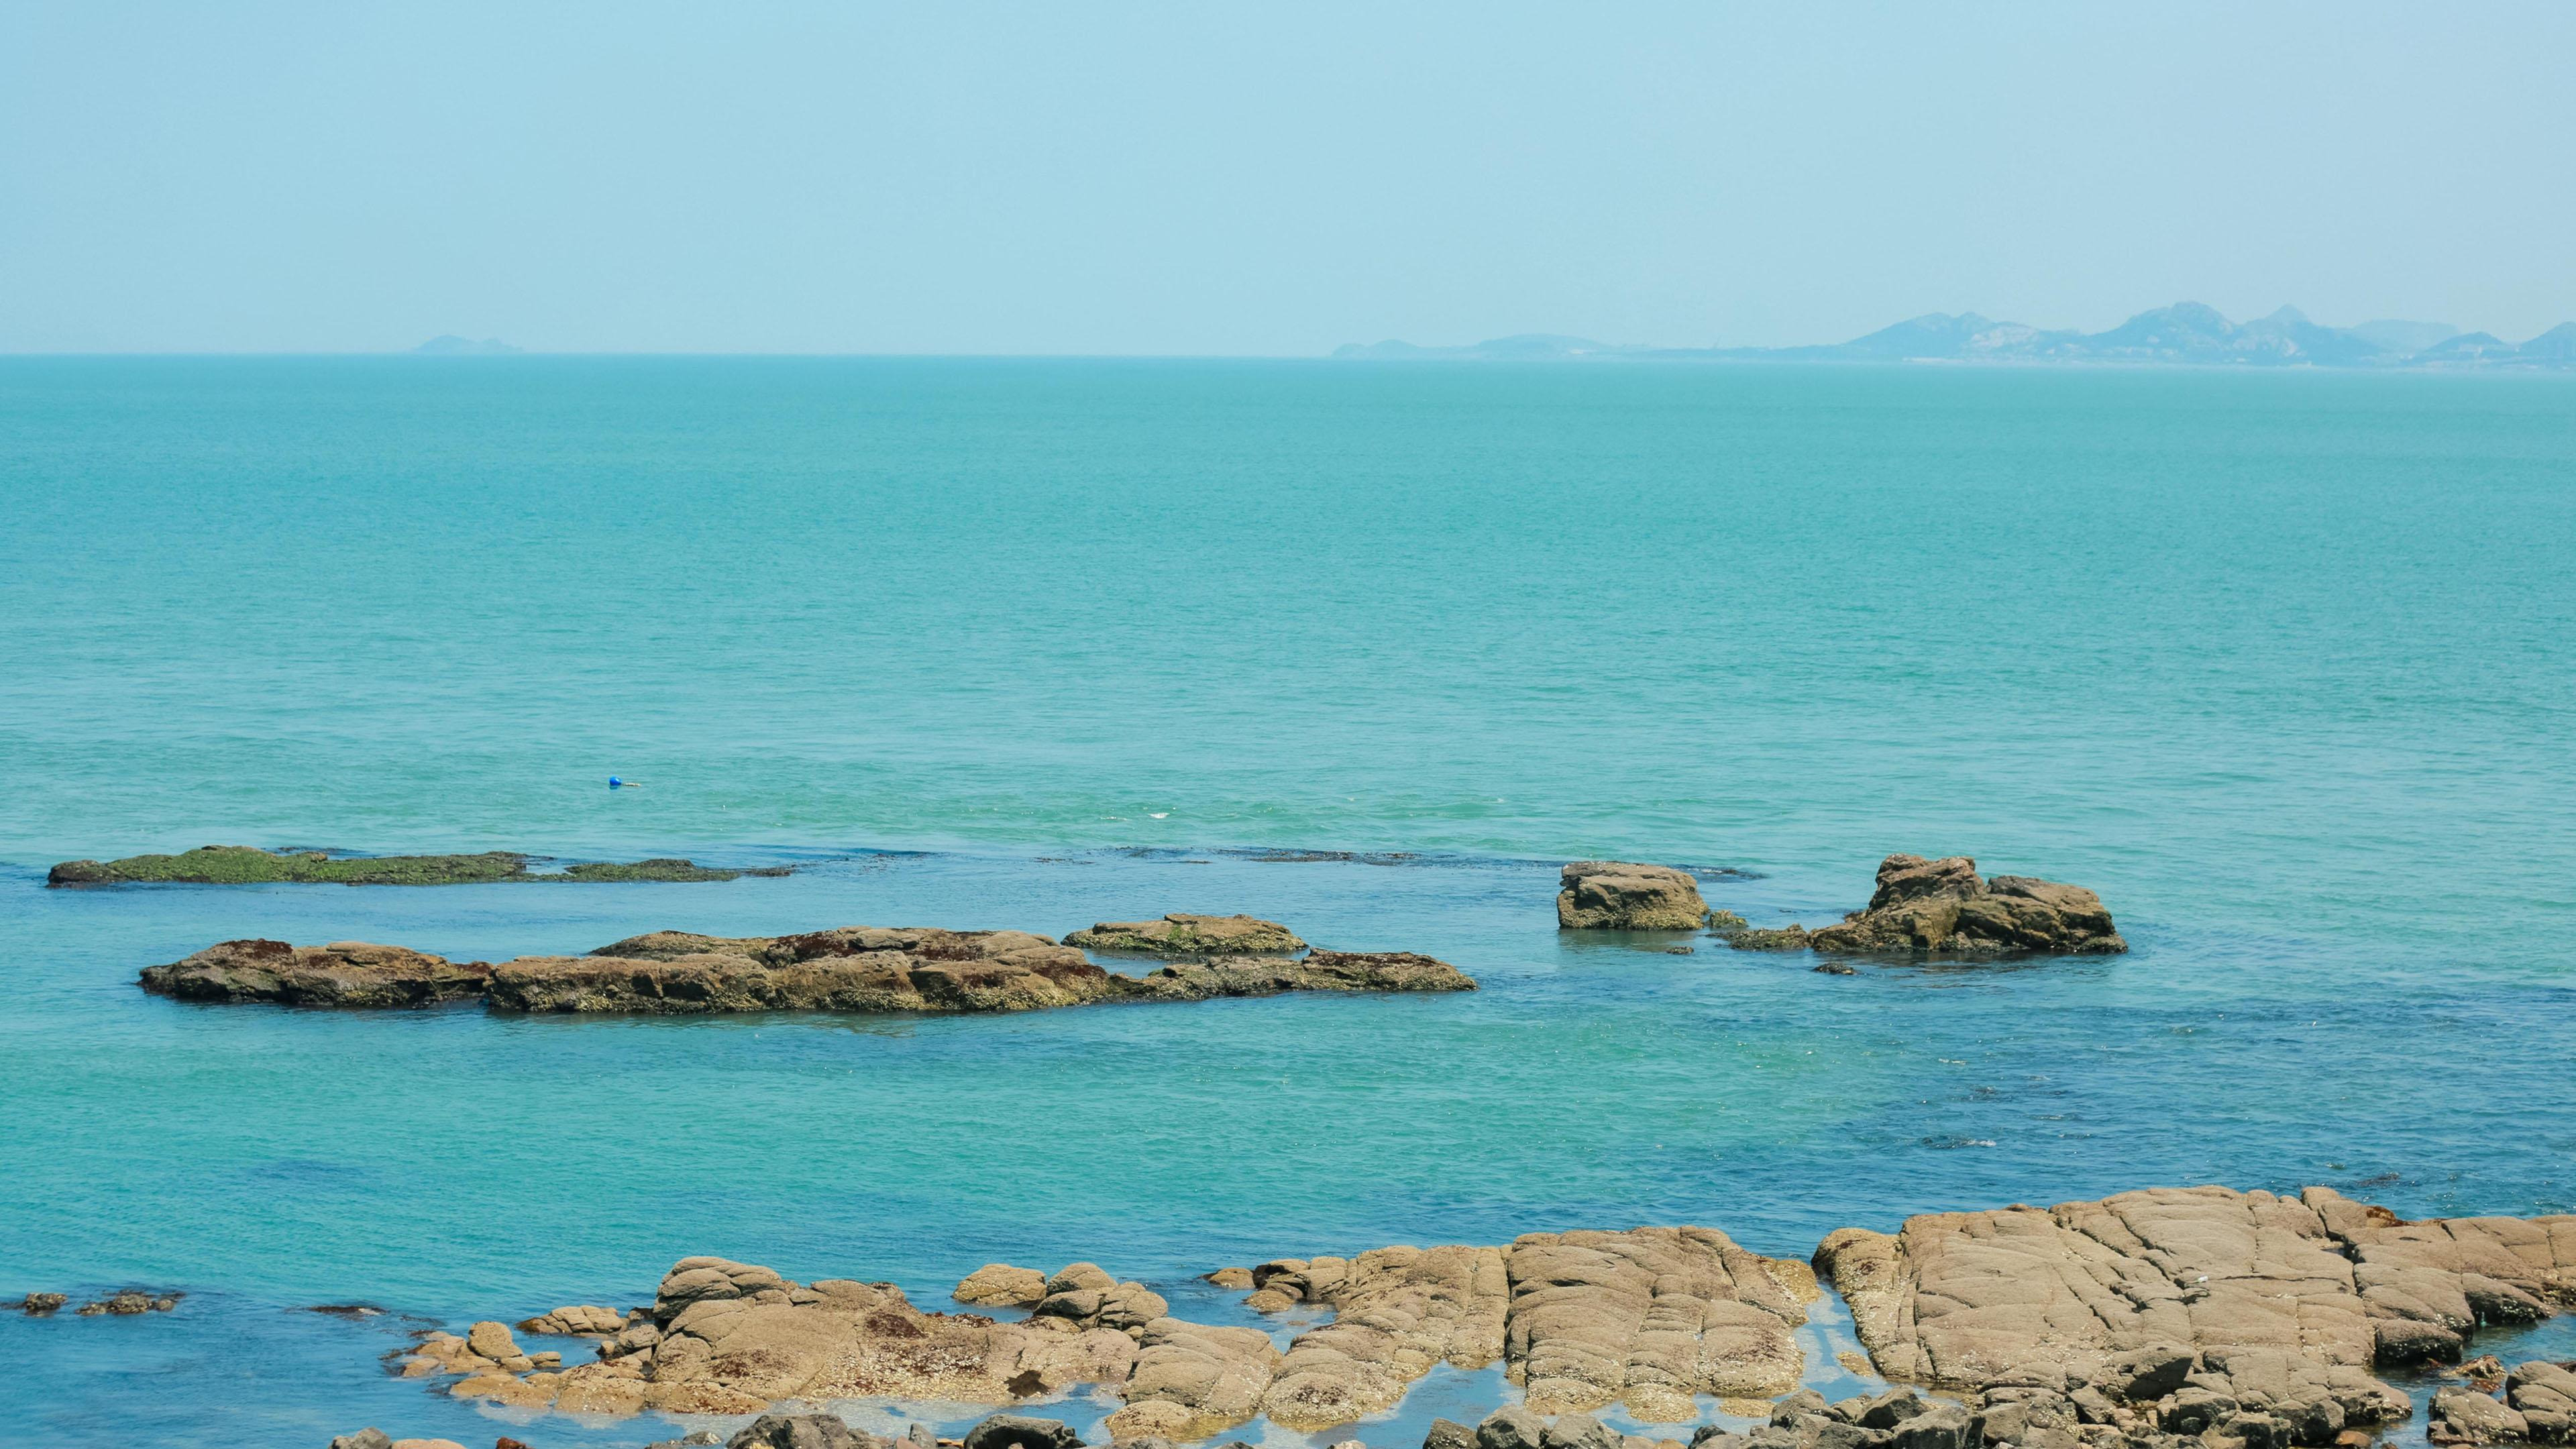 4K专区,蓝色大海,清新景色,一望无际,海边